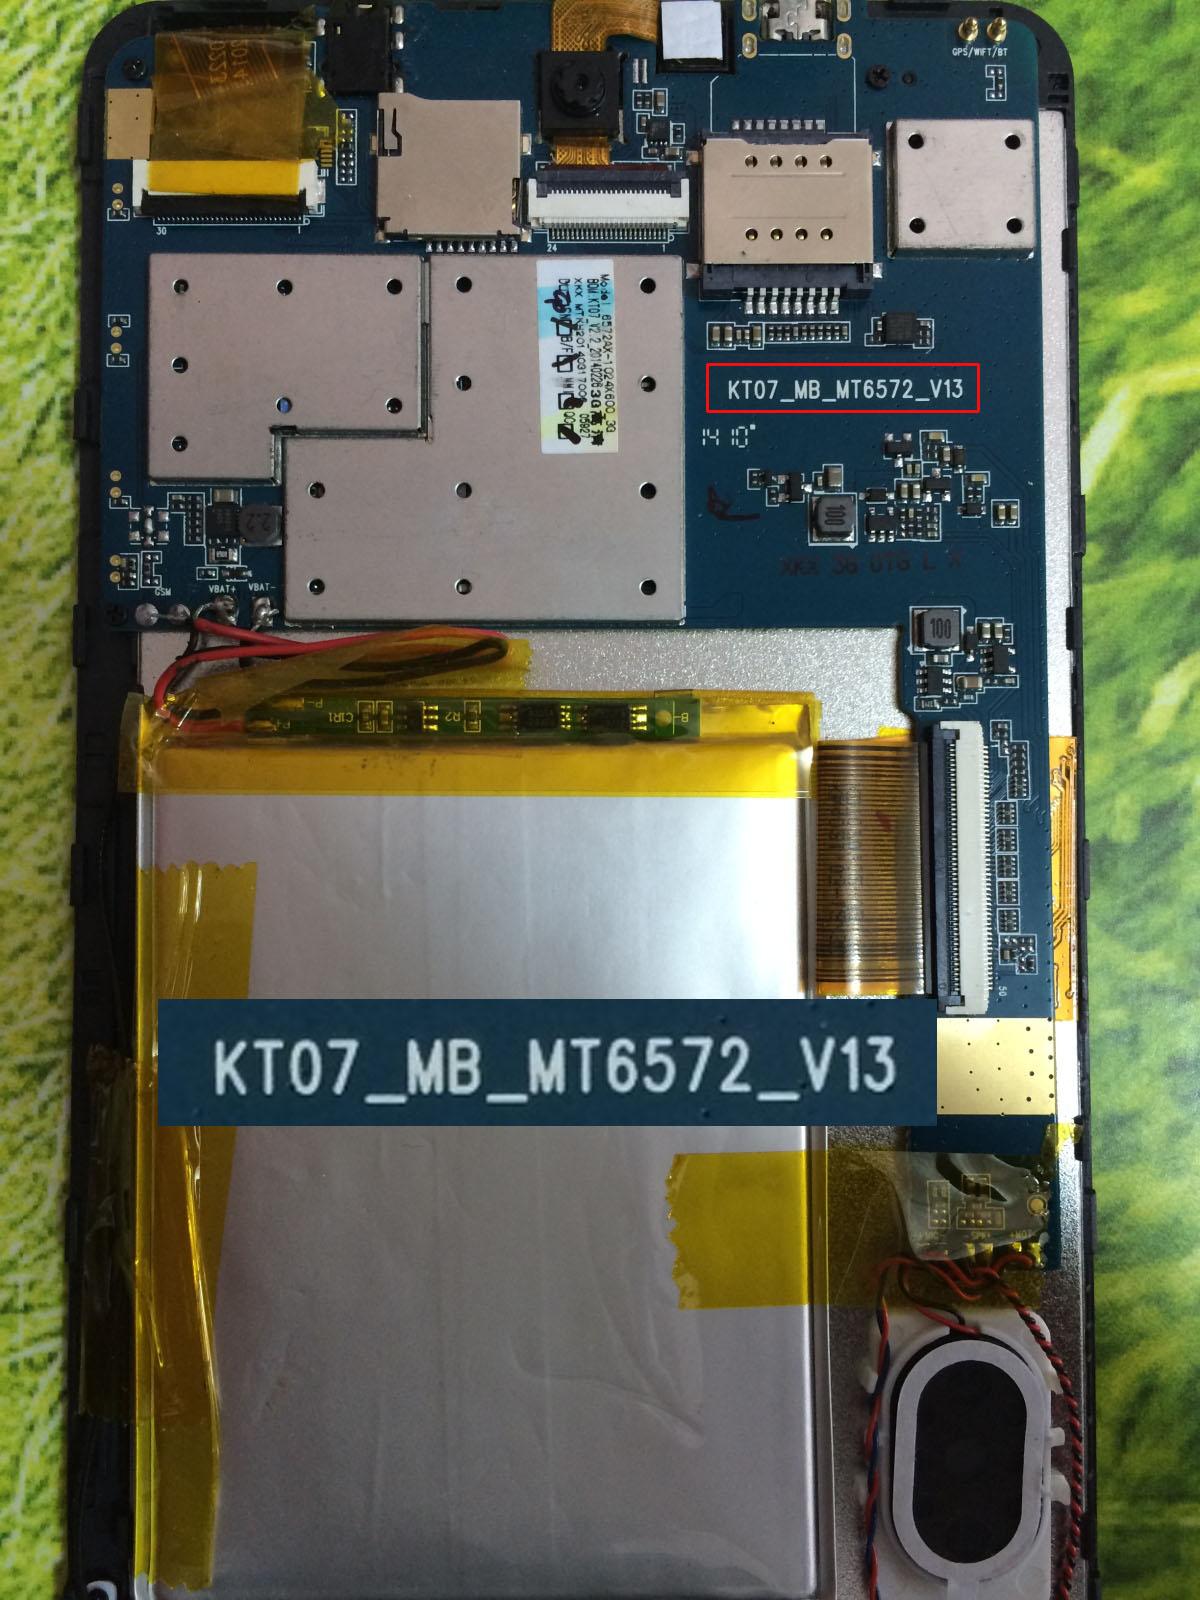 Kt07 Mb Mt6572 v13